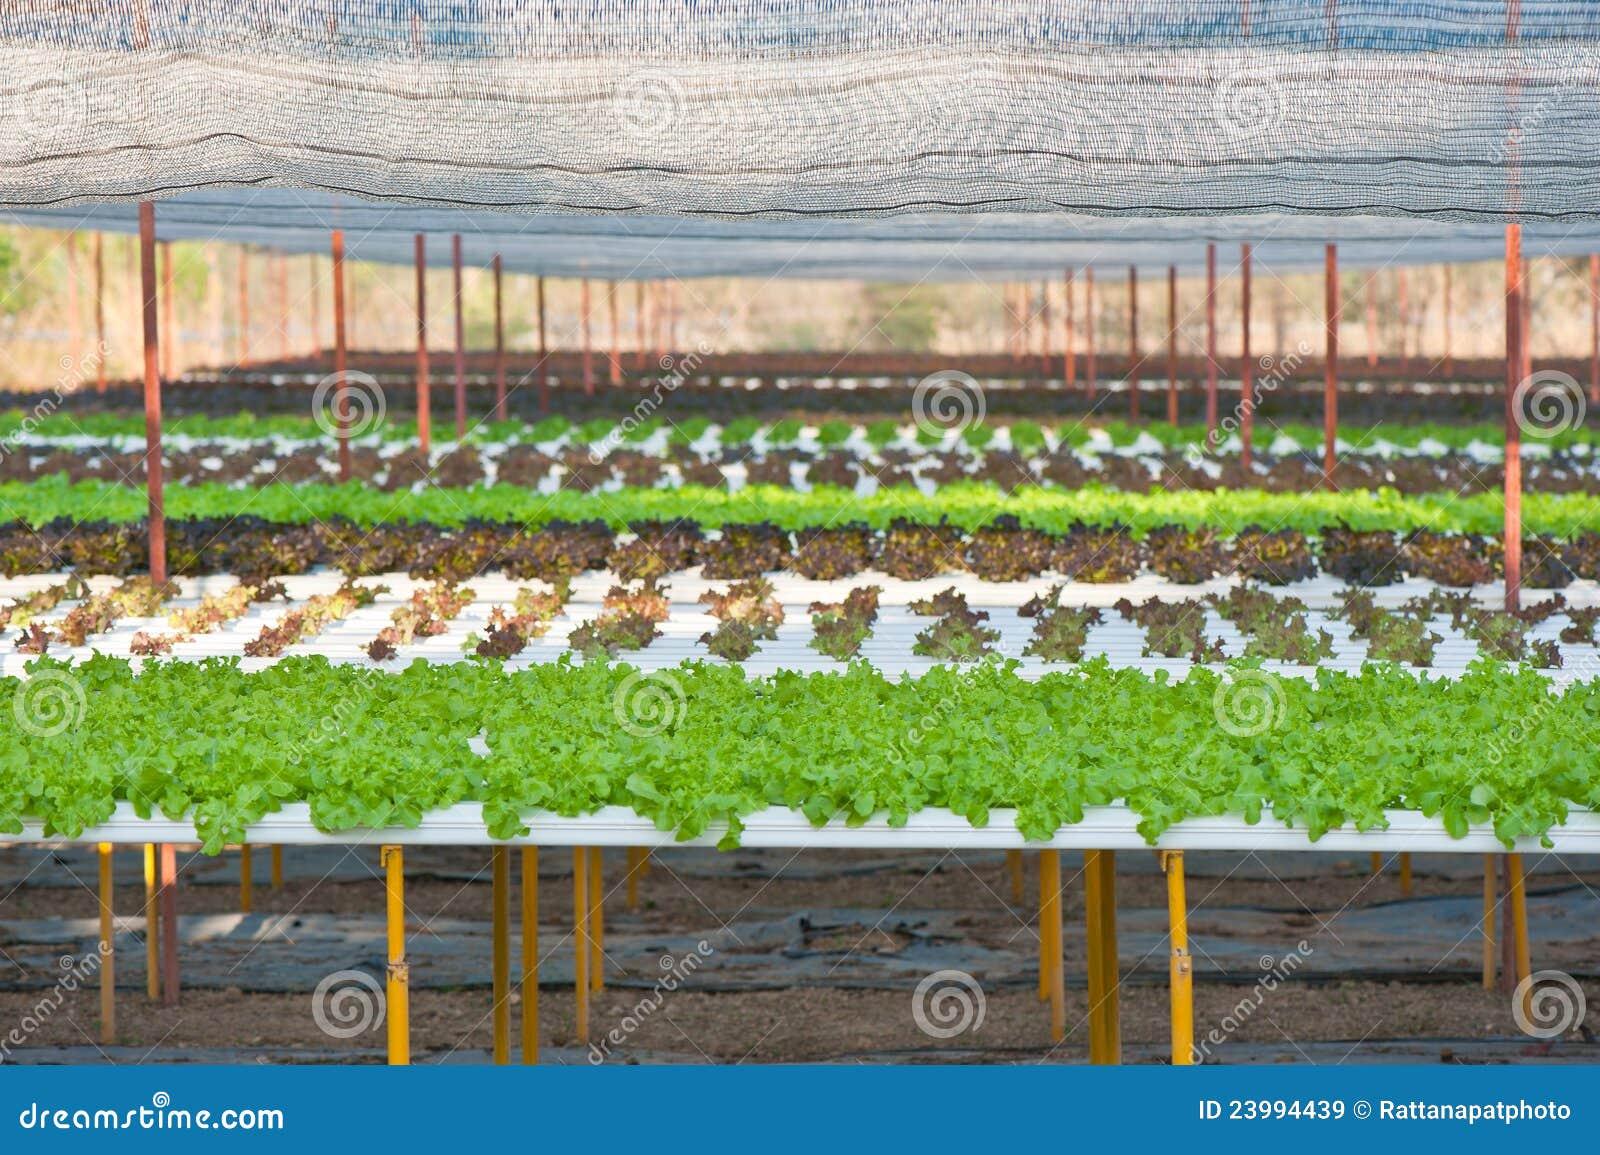 О выращивание укропа на гидропонике 901